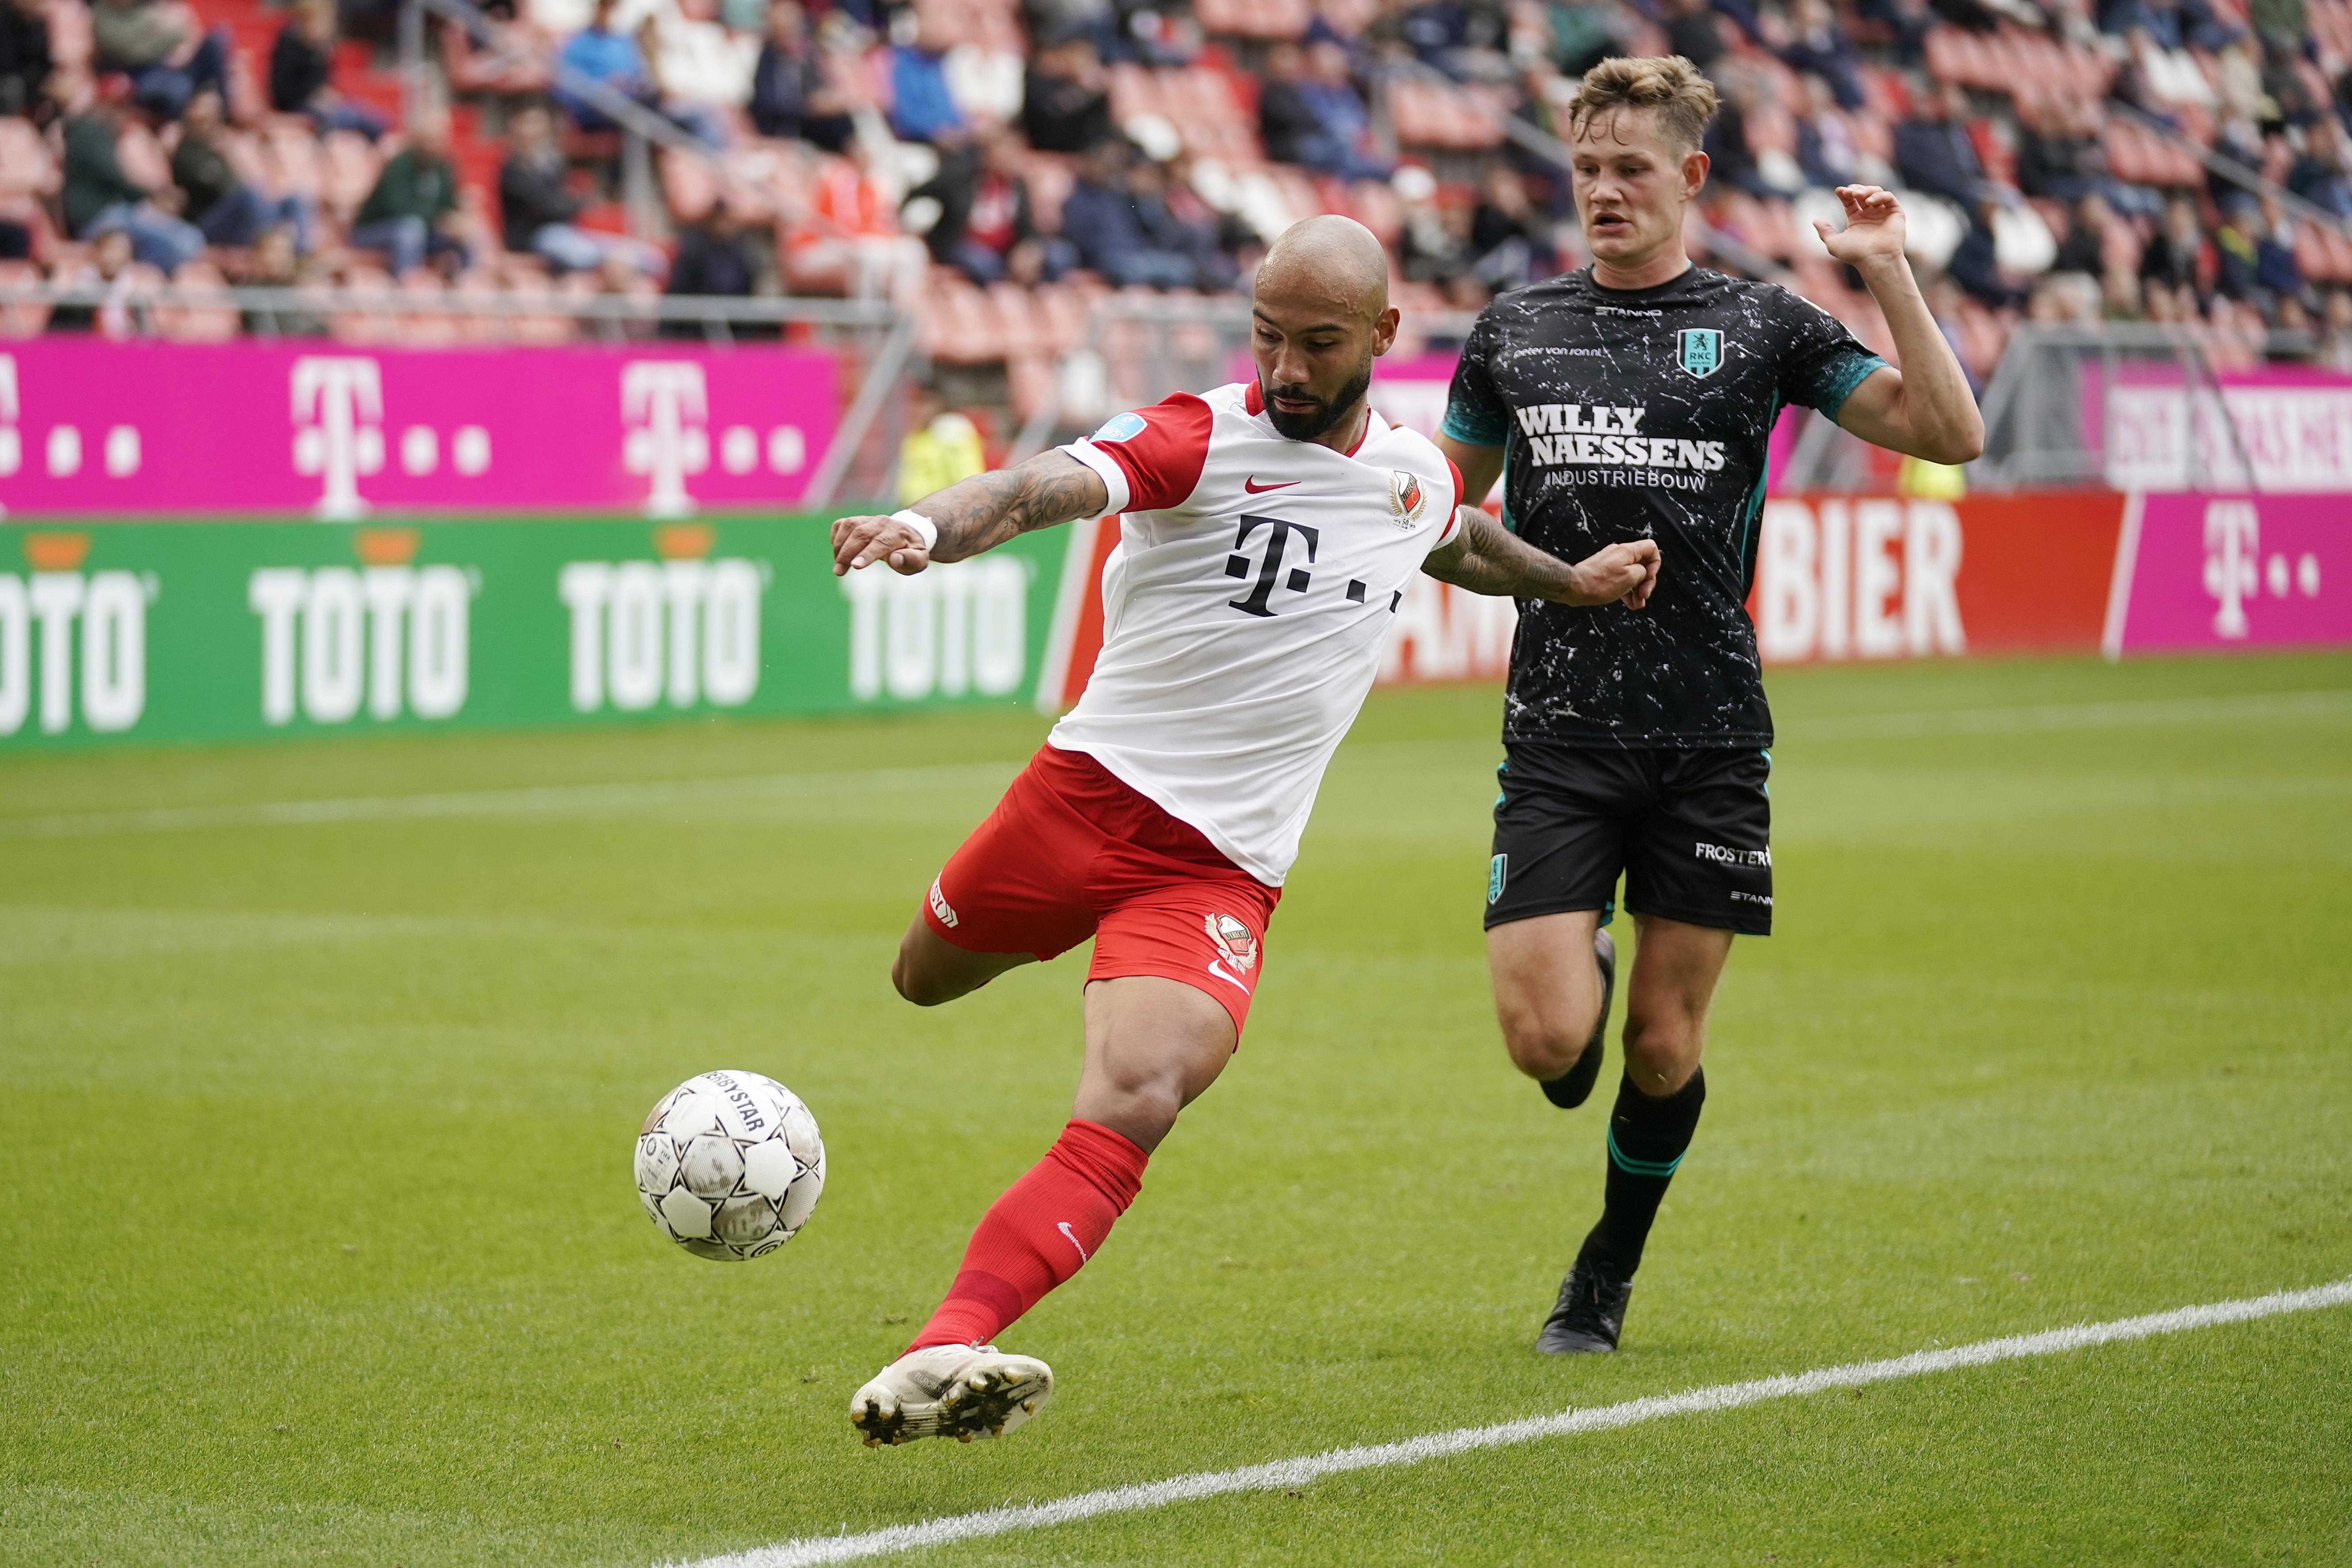 Ajax hoopt spelersgroep uit te breiden met Davy Klaassen en Sean Klaiber. Klaassen is in alle opzichten een 'echte Ajacied' [video]